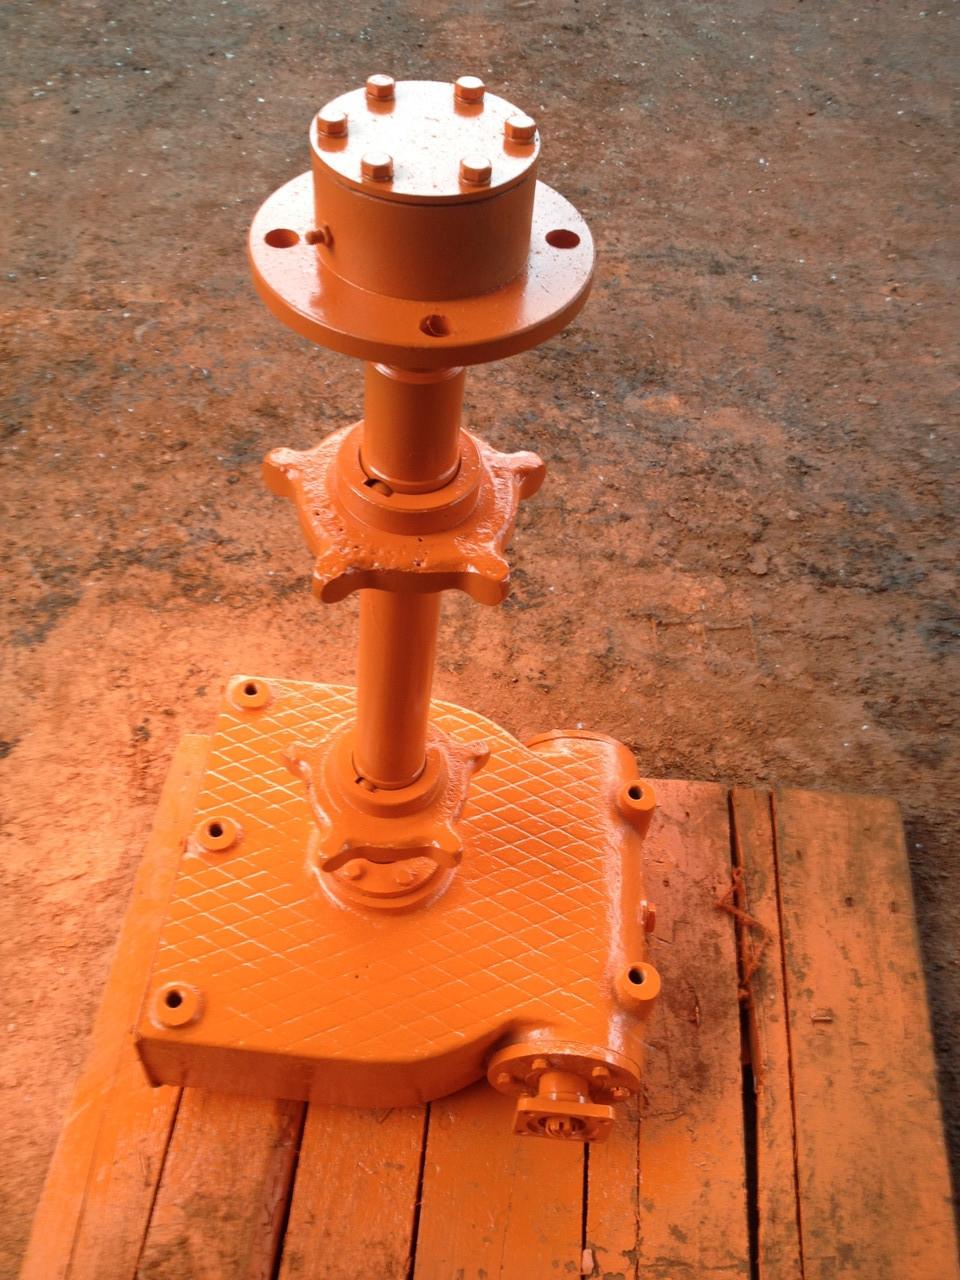 КДМ-130Б-31.20.000 Редуктор привода тр-ра (привод по кардан, фланец)